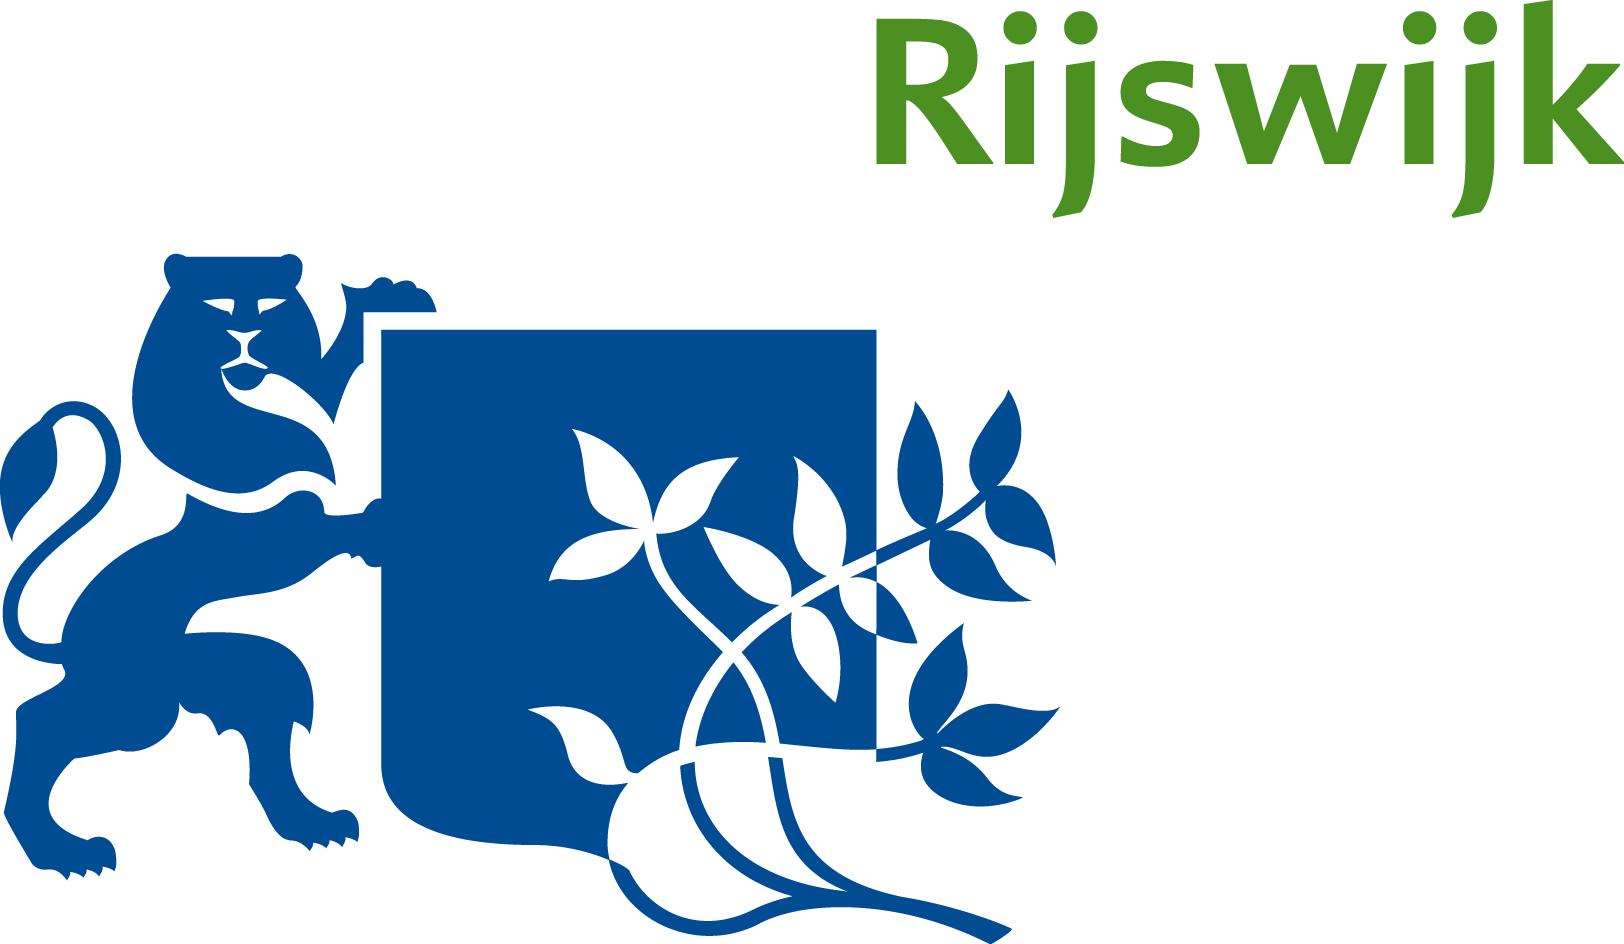 https://klimaatlab.nl/wp-content/uploads/2021/01/Rijswijk_logo.jpg